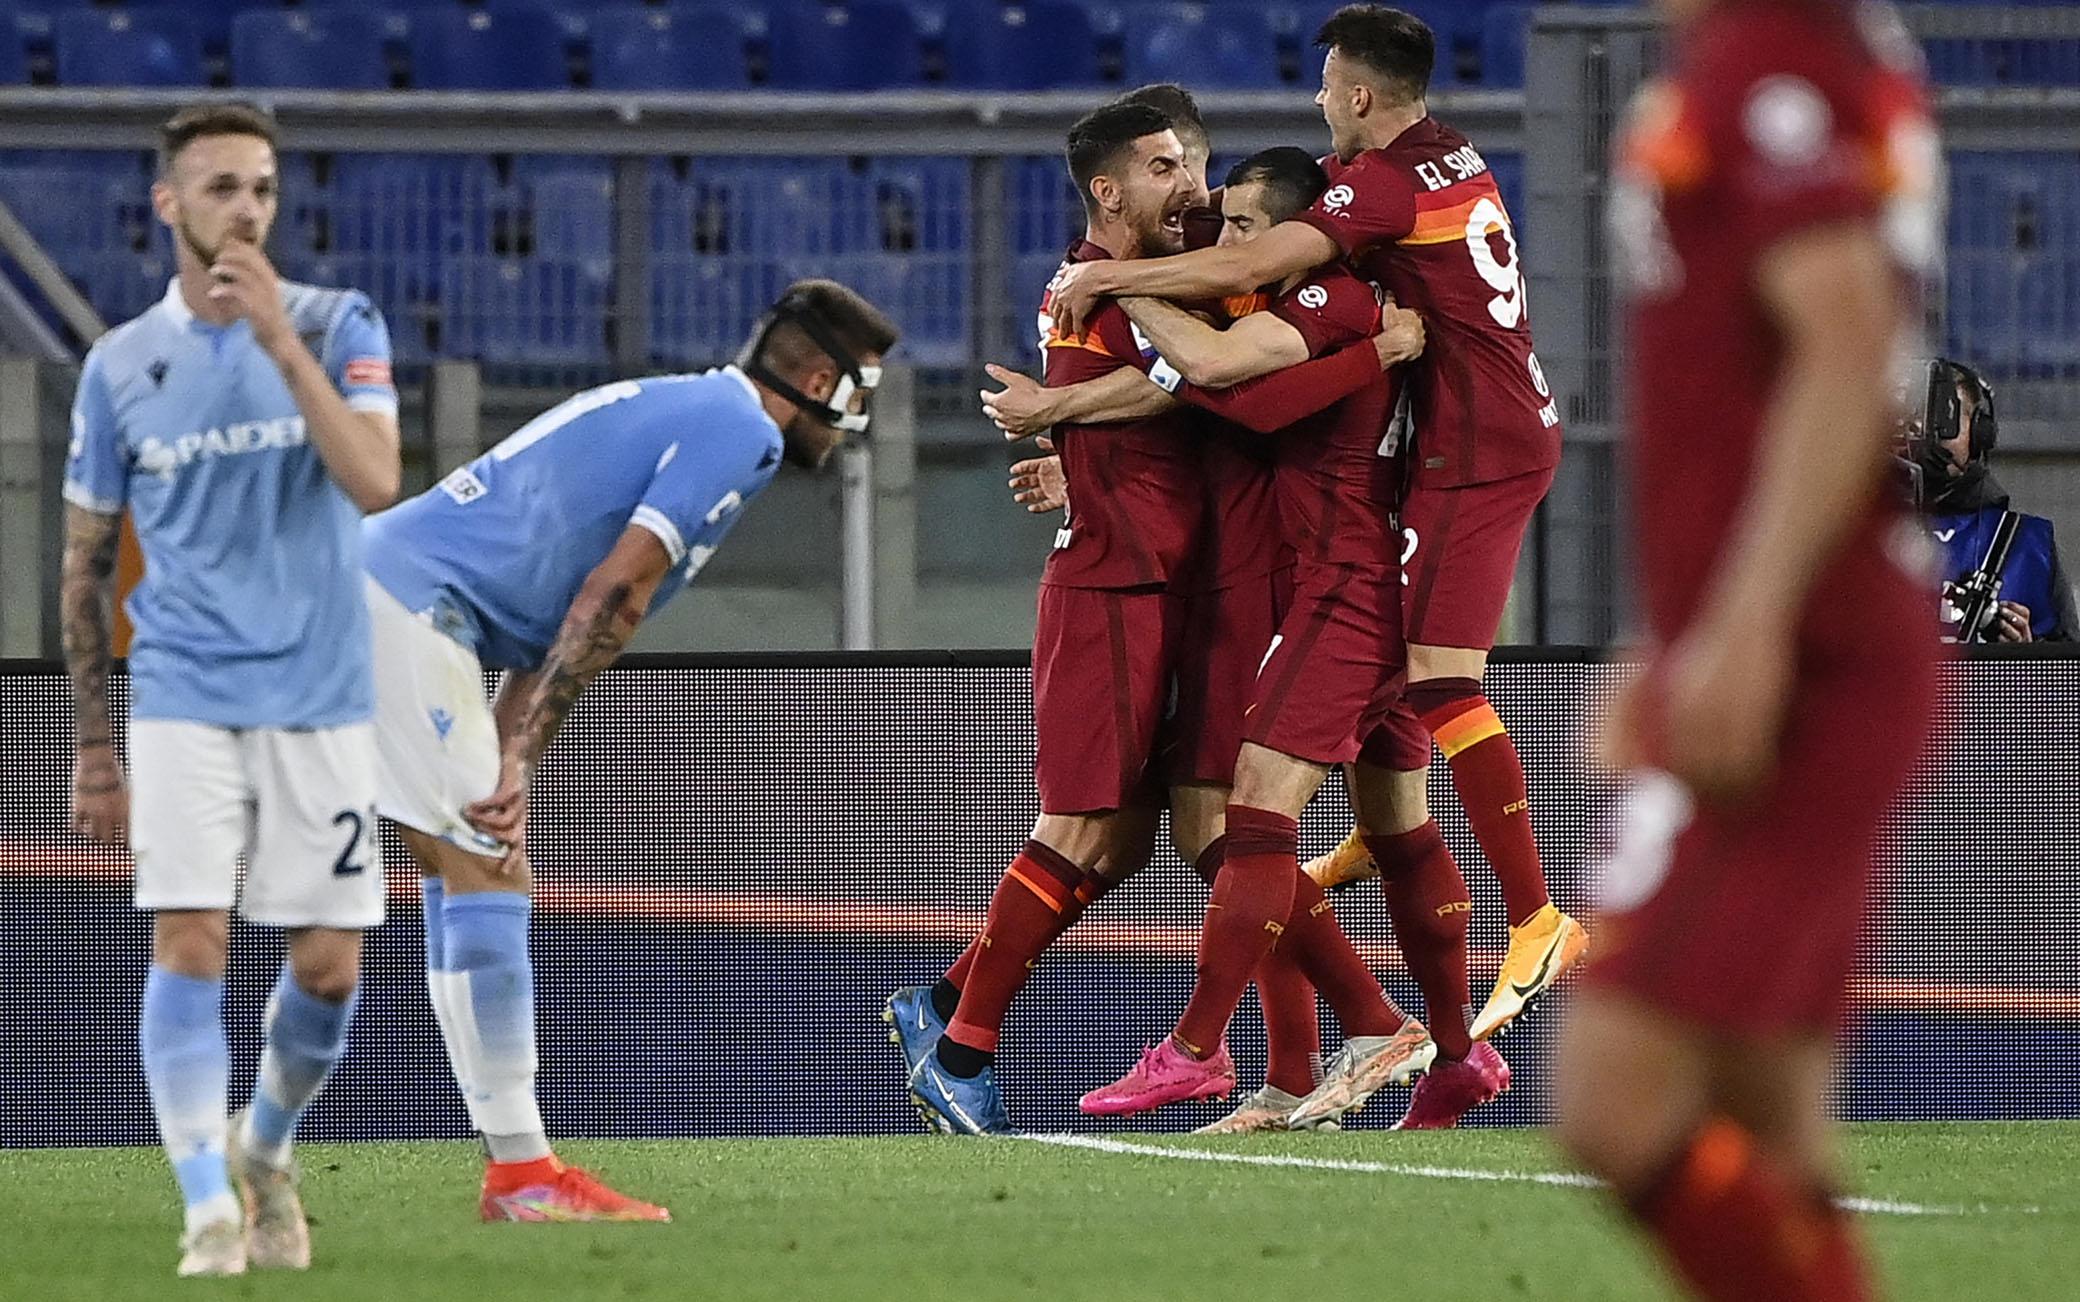 Migliori e peggiori in Roma-Lazio: Fusato super, ancora male Ibanez